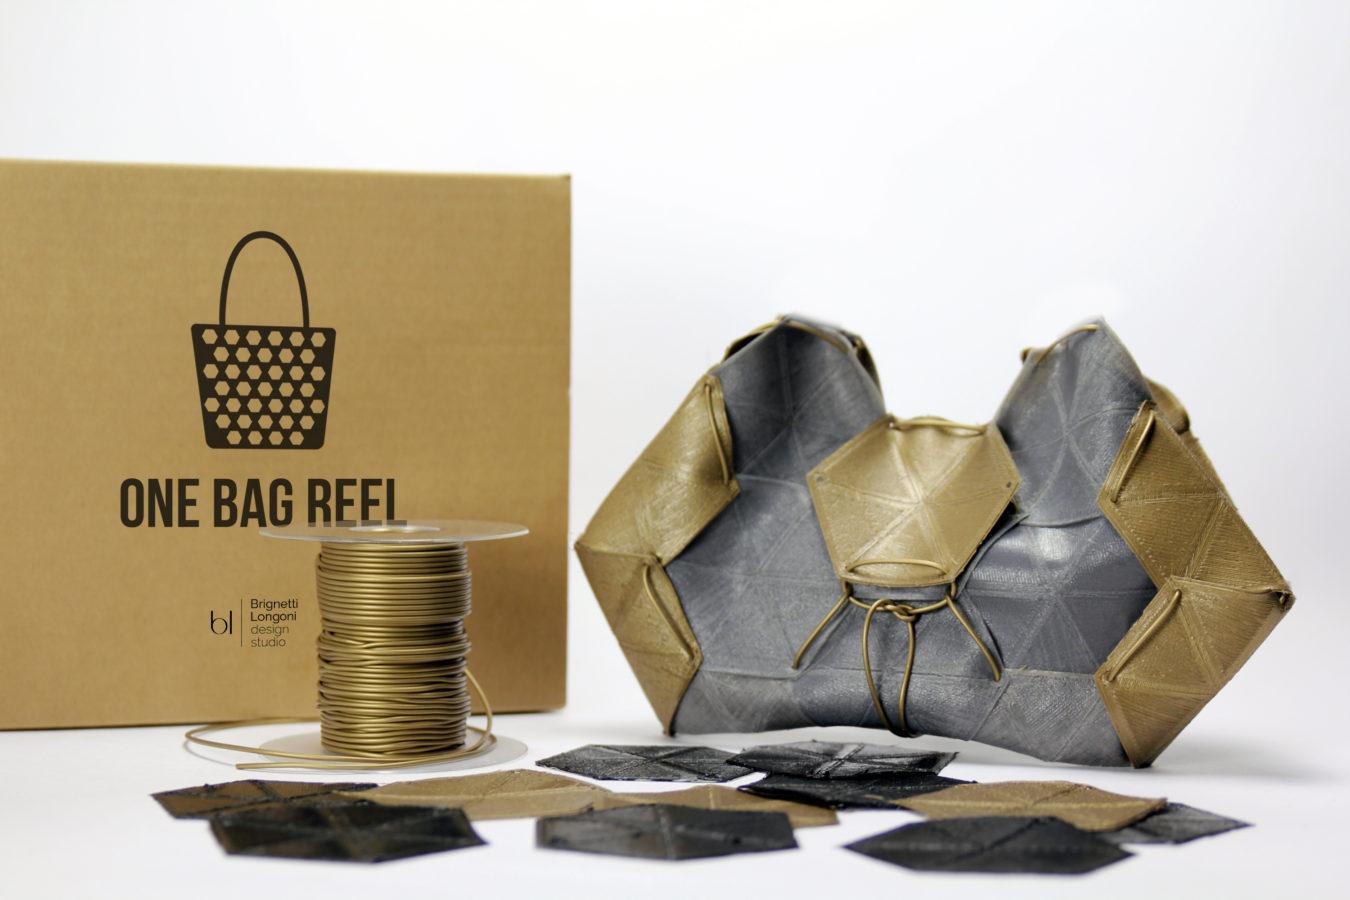 One Bag Reel - Brignetti Longoni Design Studio - Bobina, borsa, fashion, design, moda, pochette, zaino, assemblaggio, modulo, filo, filamento, flessibile, stampa 3D, morbidezza, elasticità, durabilità, autoproduzione, personalizzazione, finiture, colori, hoc, fatto a mano, sostituire, rispetto, ambiente.